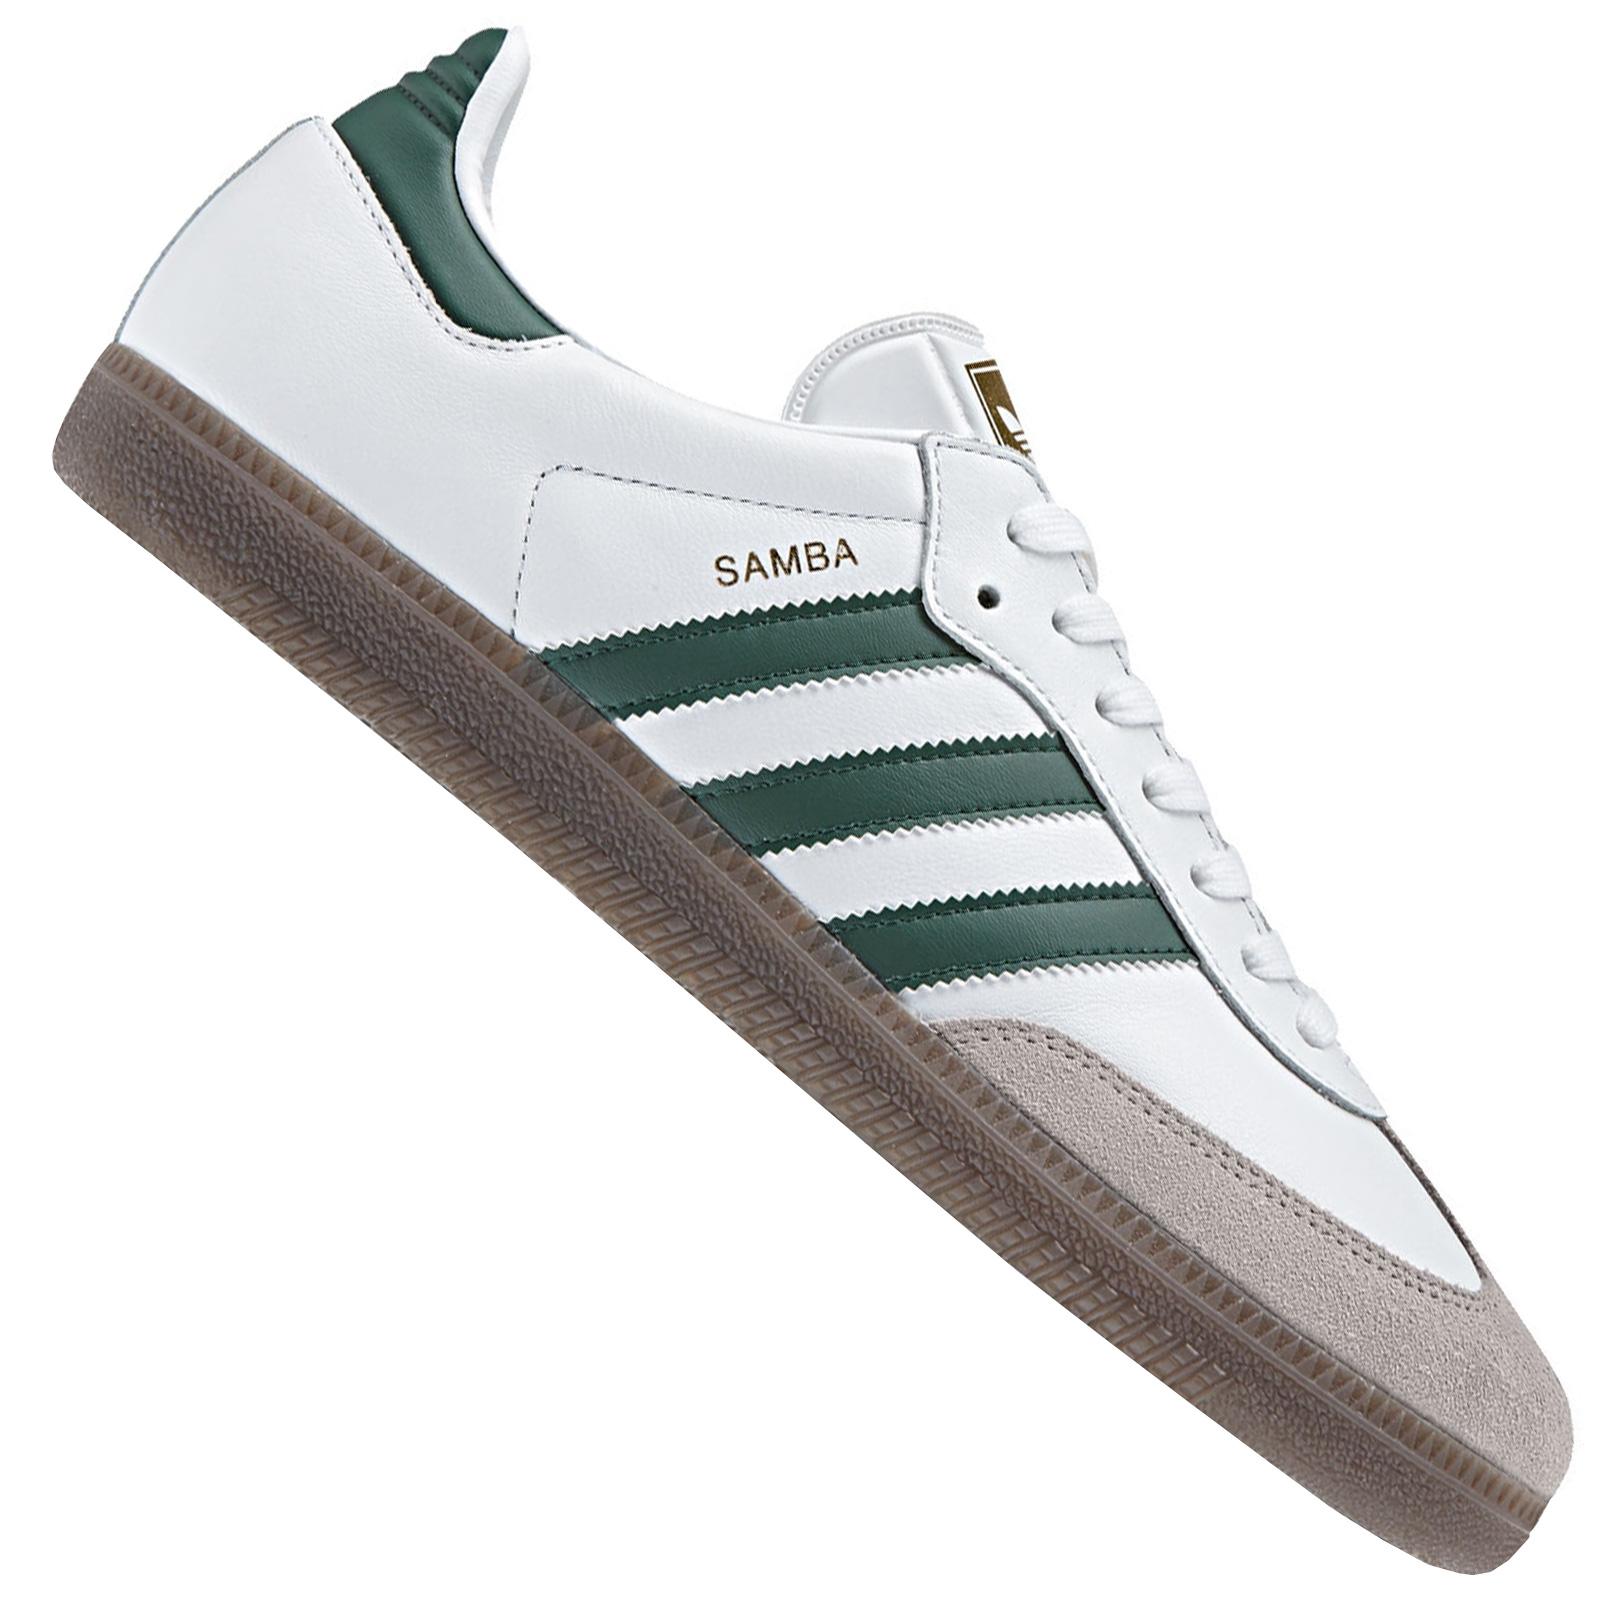 billig Details zu adidas Originals Retro Samba Herren